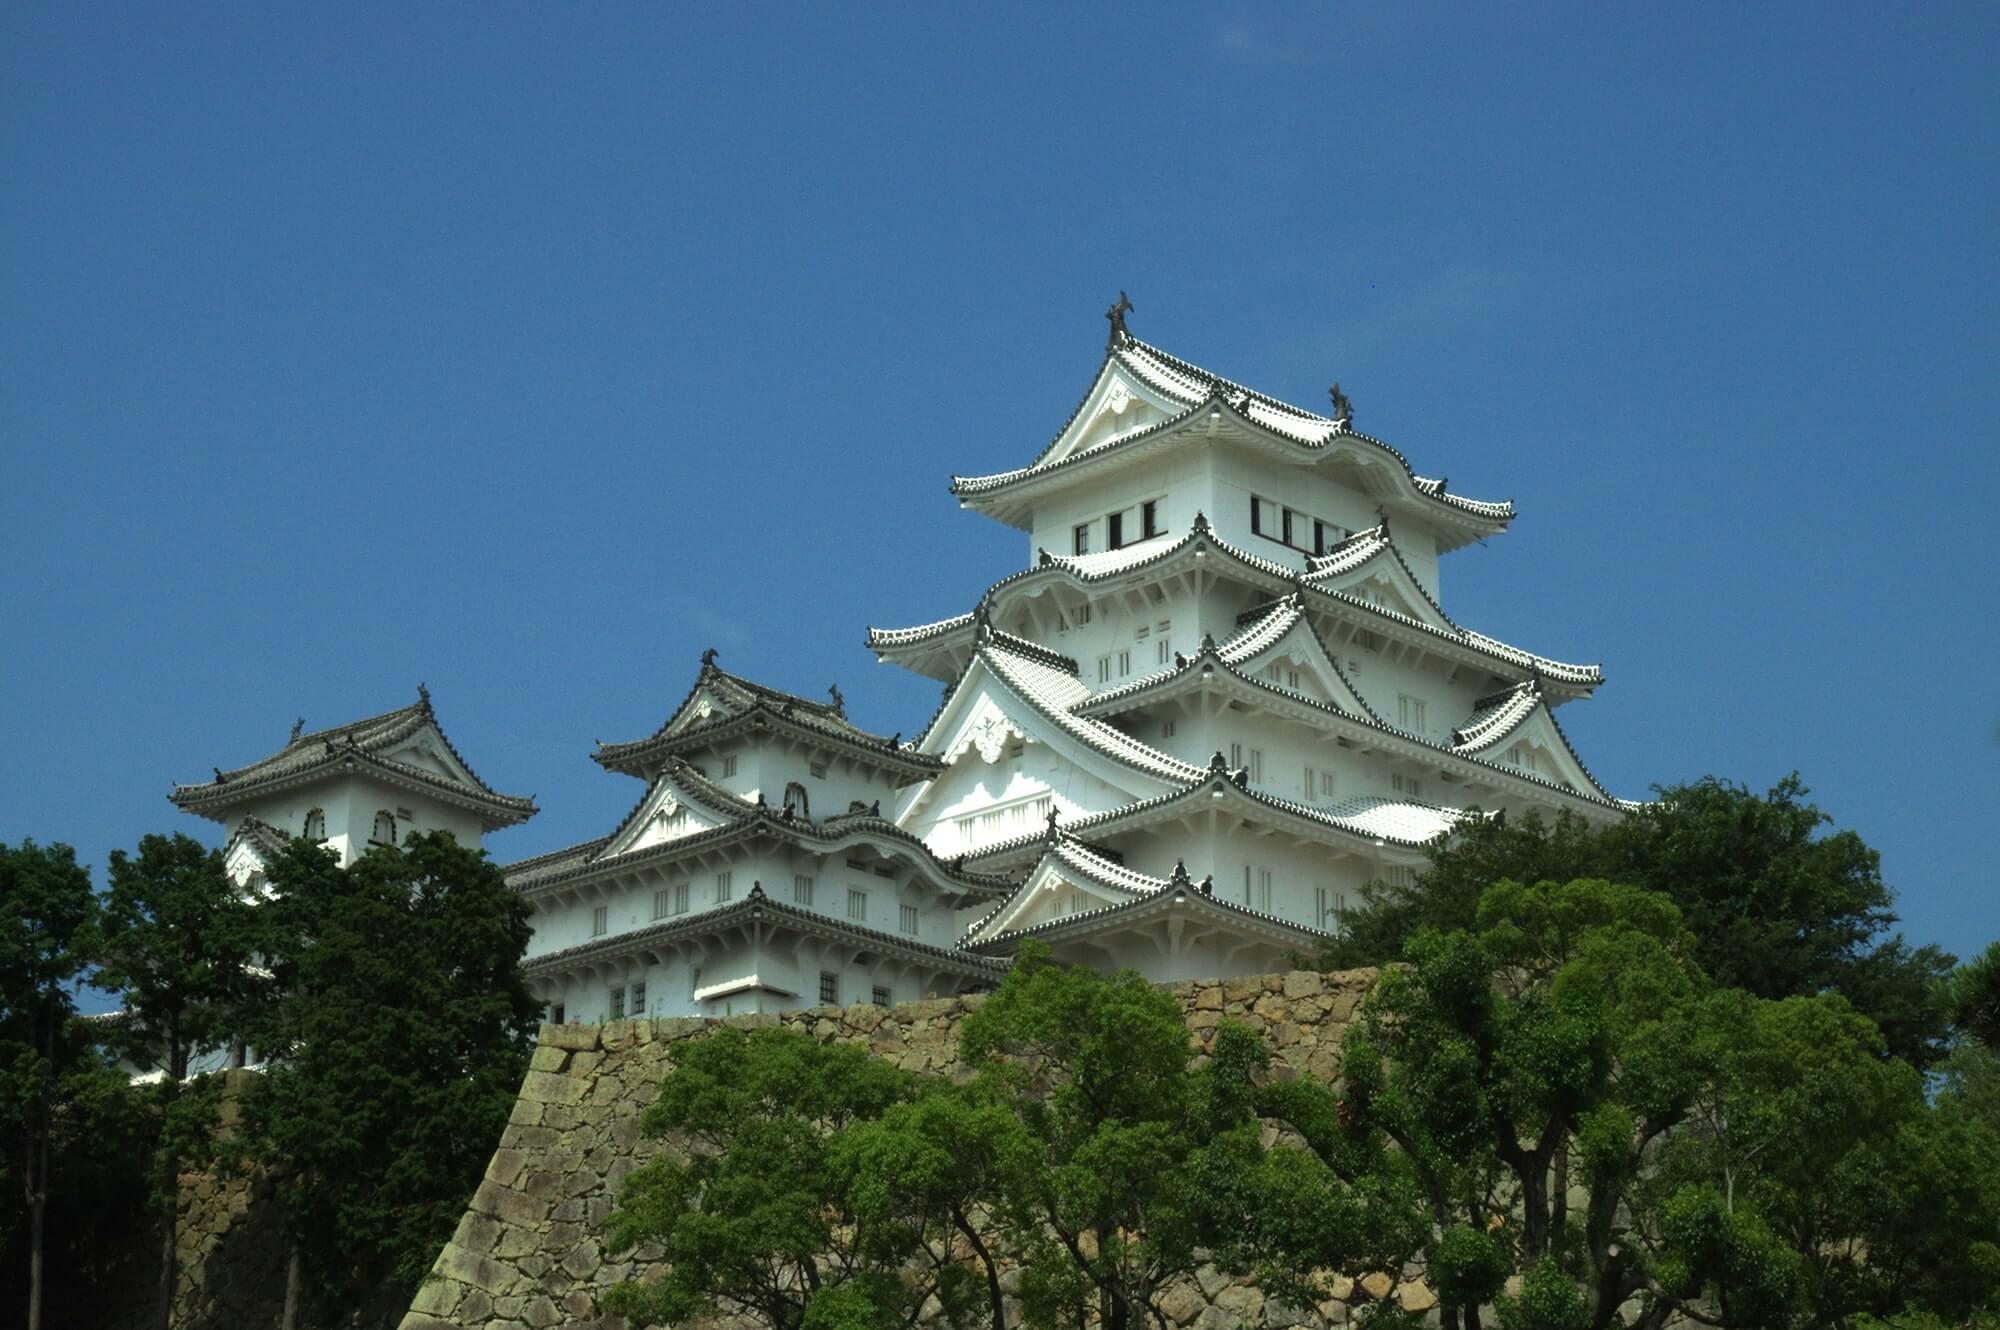 兵庫県にある姫路城の画像